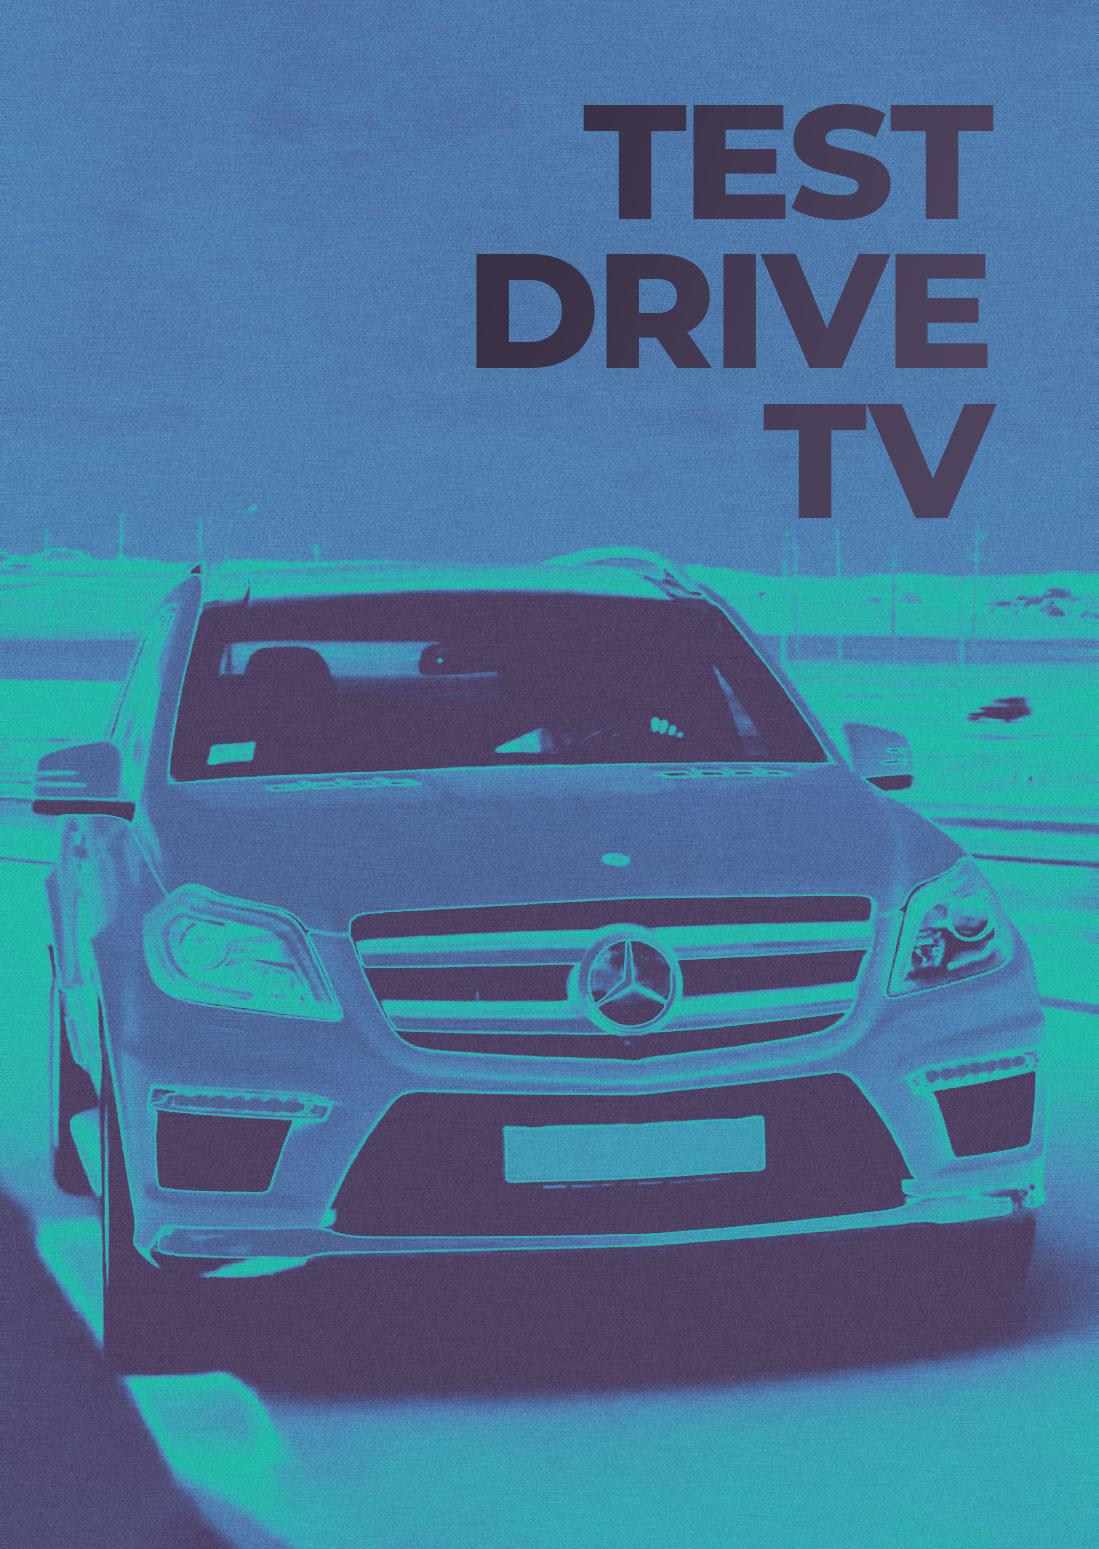 Test-drive TV